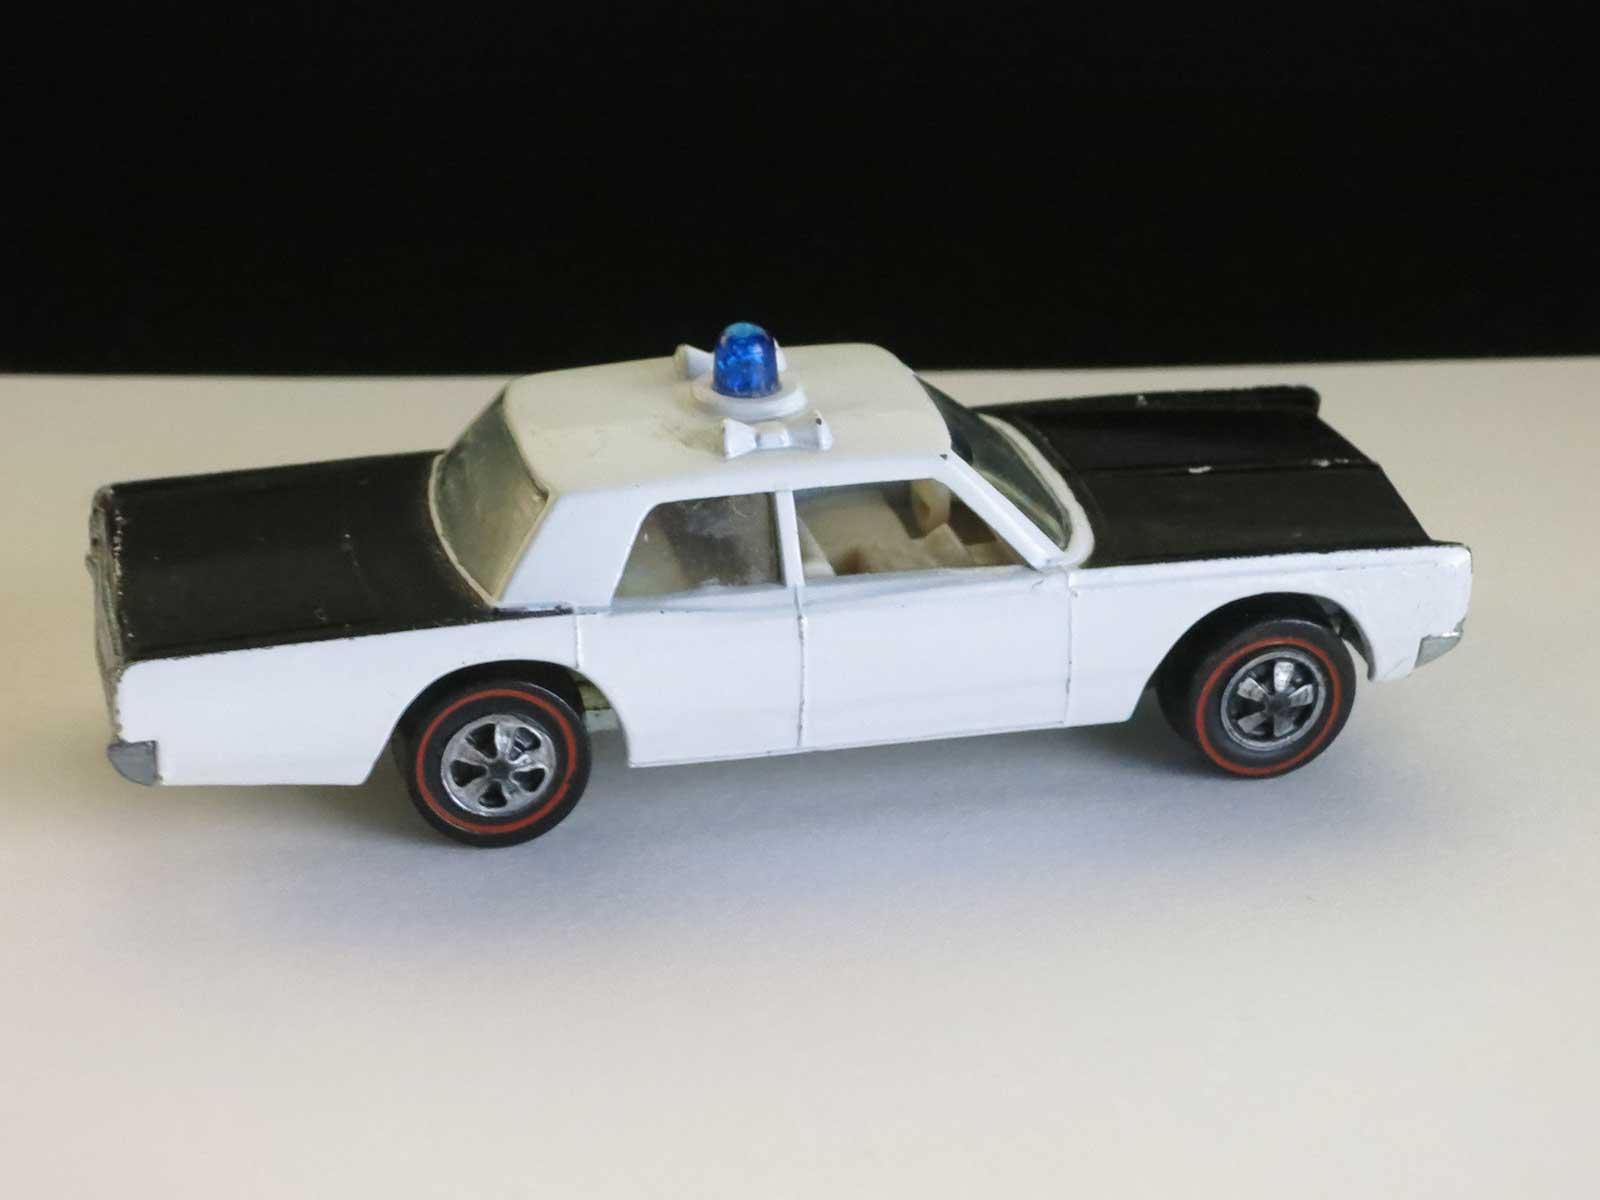 Hot Wheels Redline Prototype Police Cruiser Blue Siren